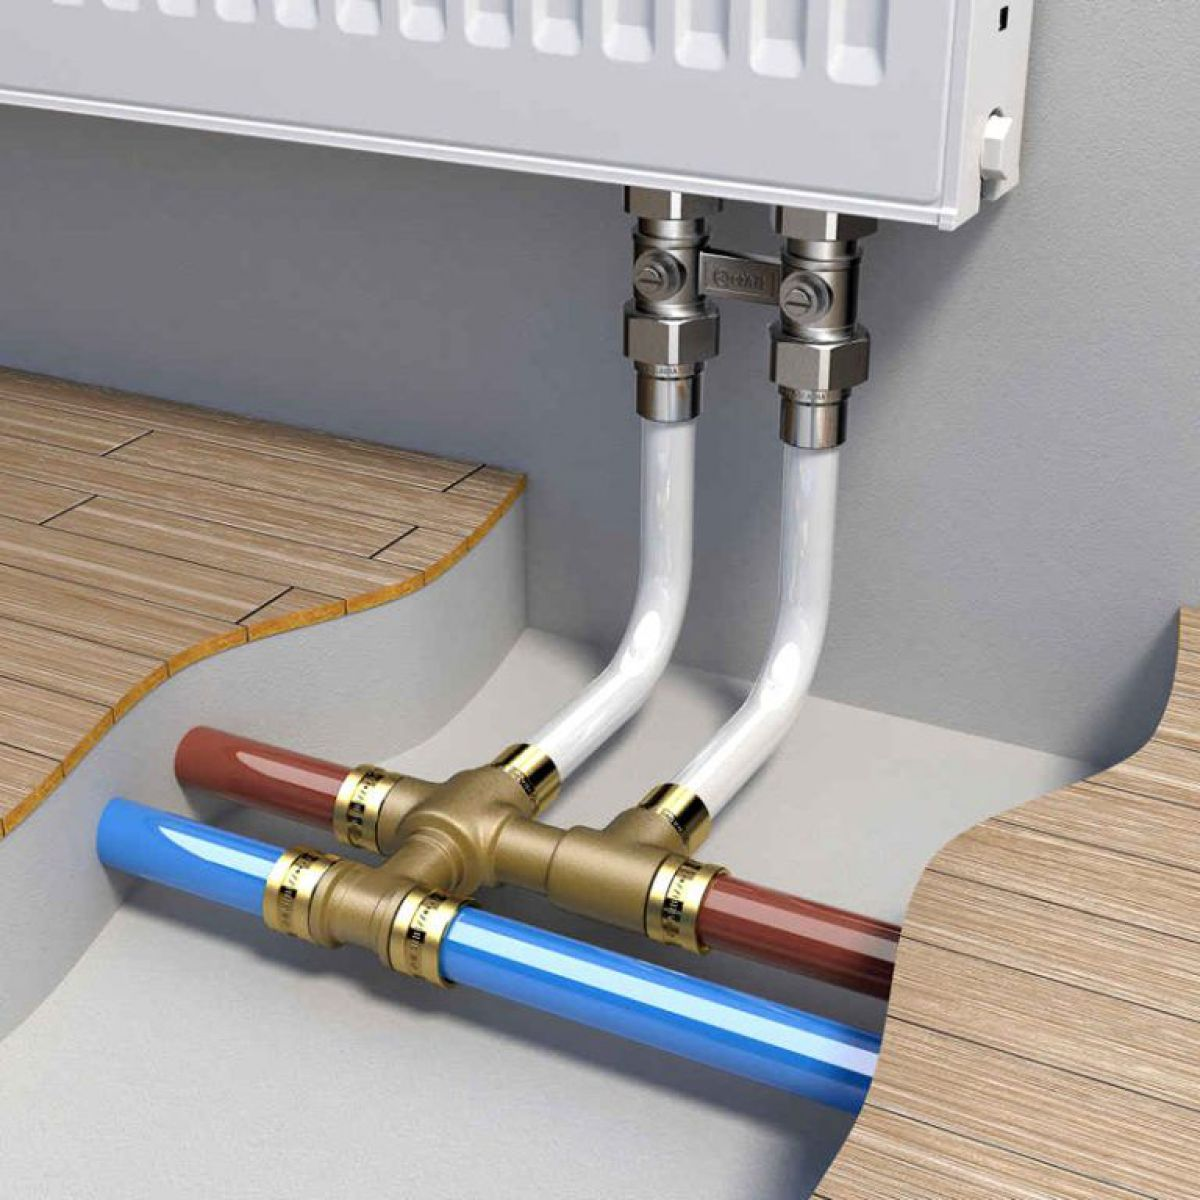 Отопление частного дома. Трубы - виды, особенности и выбор. Полипропиленовые, полиэтиленовые и металлопластиковые трубы. 4907